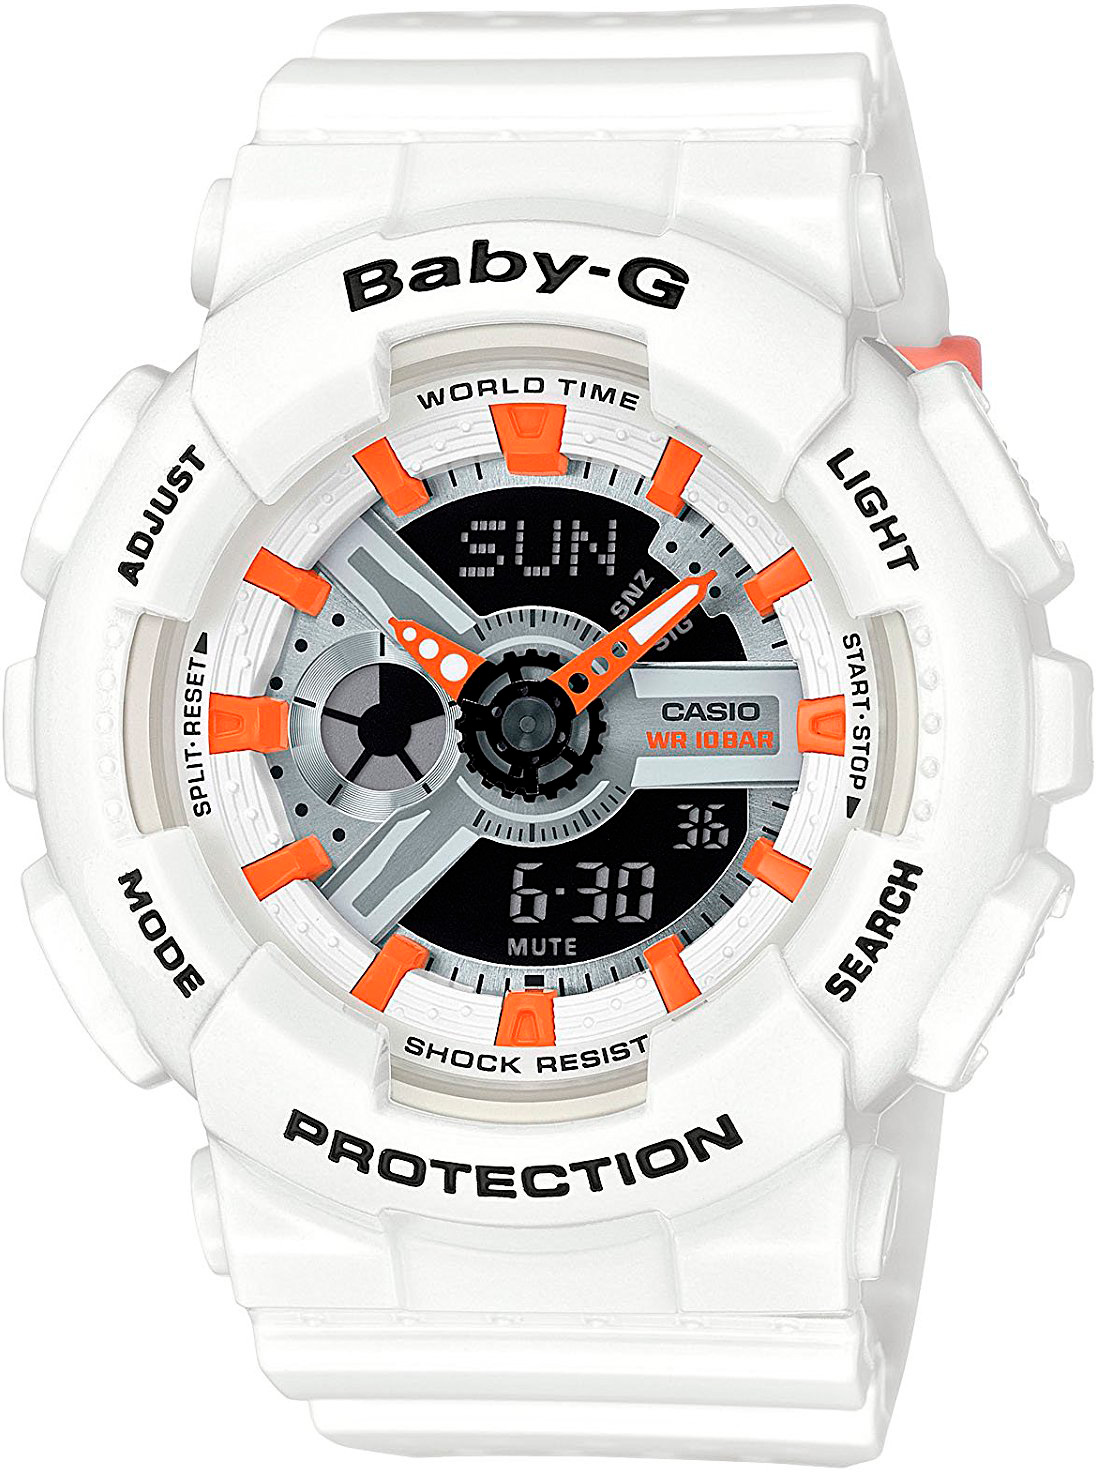 Женские часы Casio Baby-G BA-110PP-7A2ER